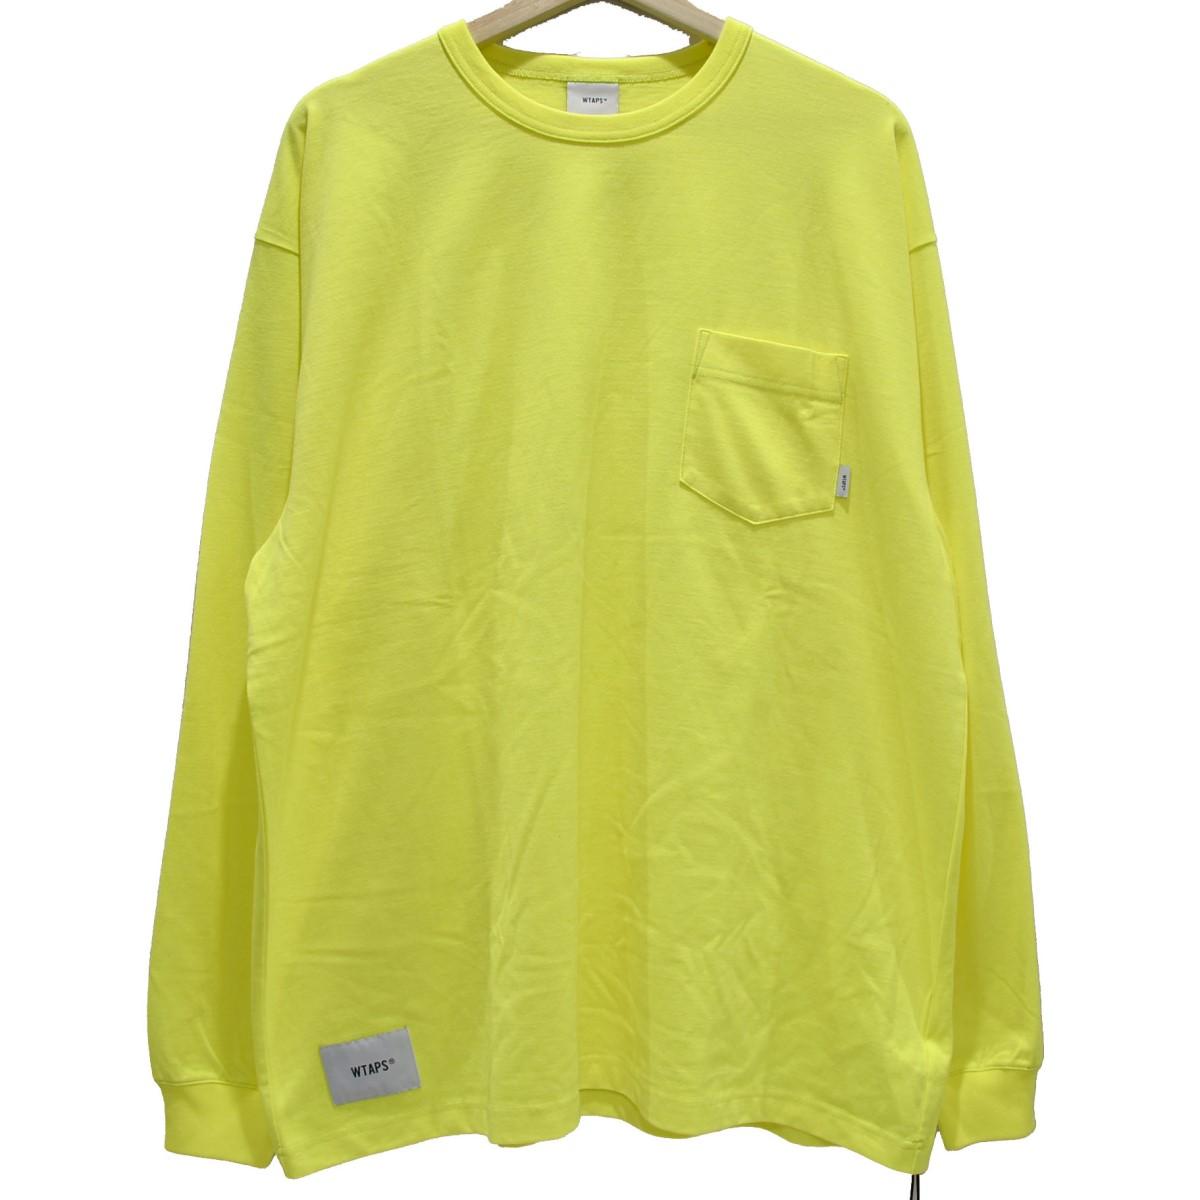 【中古】WTAPS 19AW BLANK LS 02 ロングTシャツ イエロー サイズ:4 【050420】(ダブルタップス)